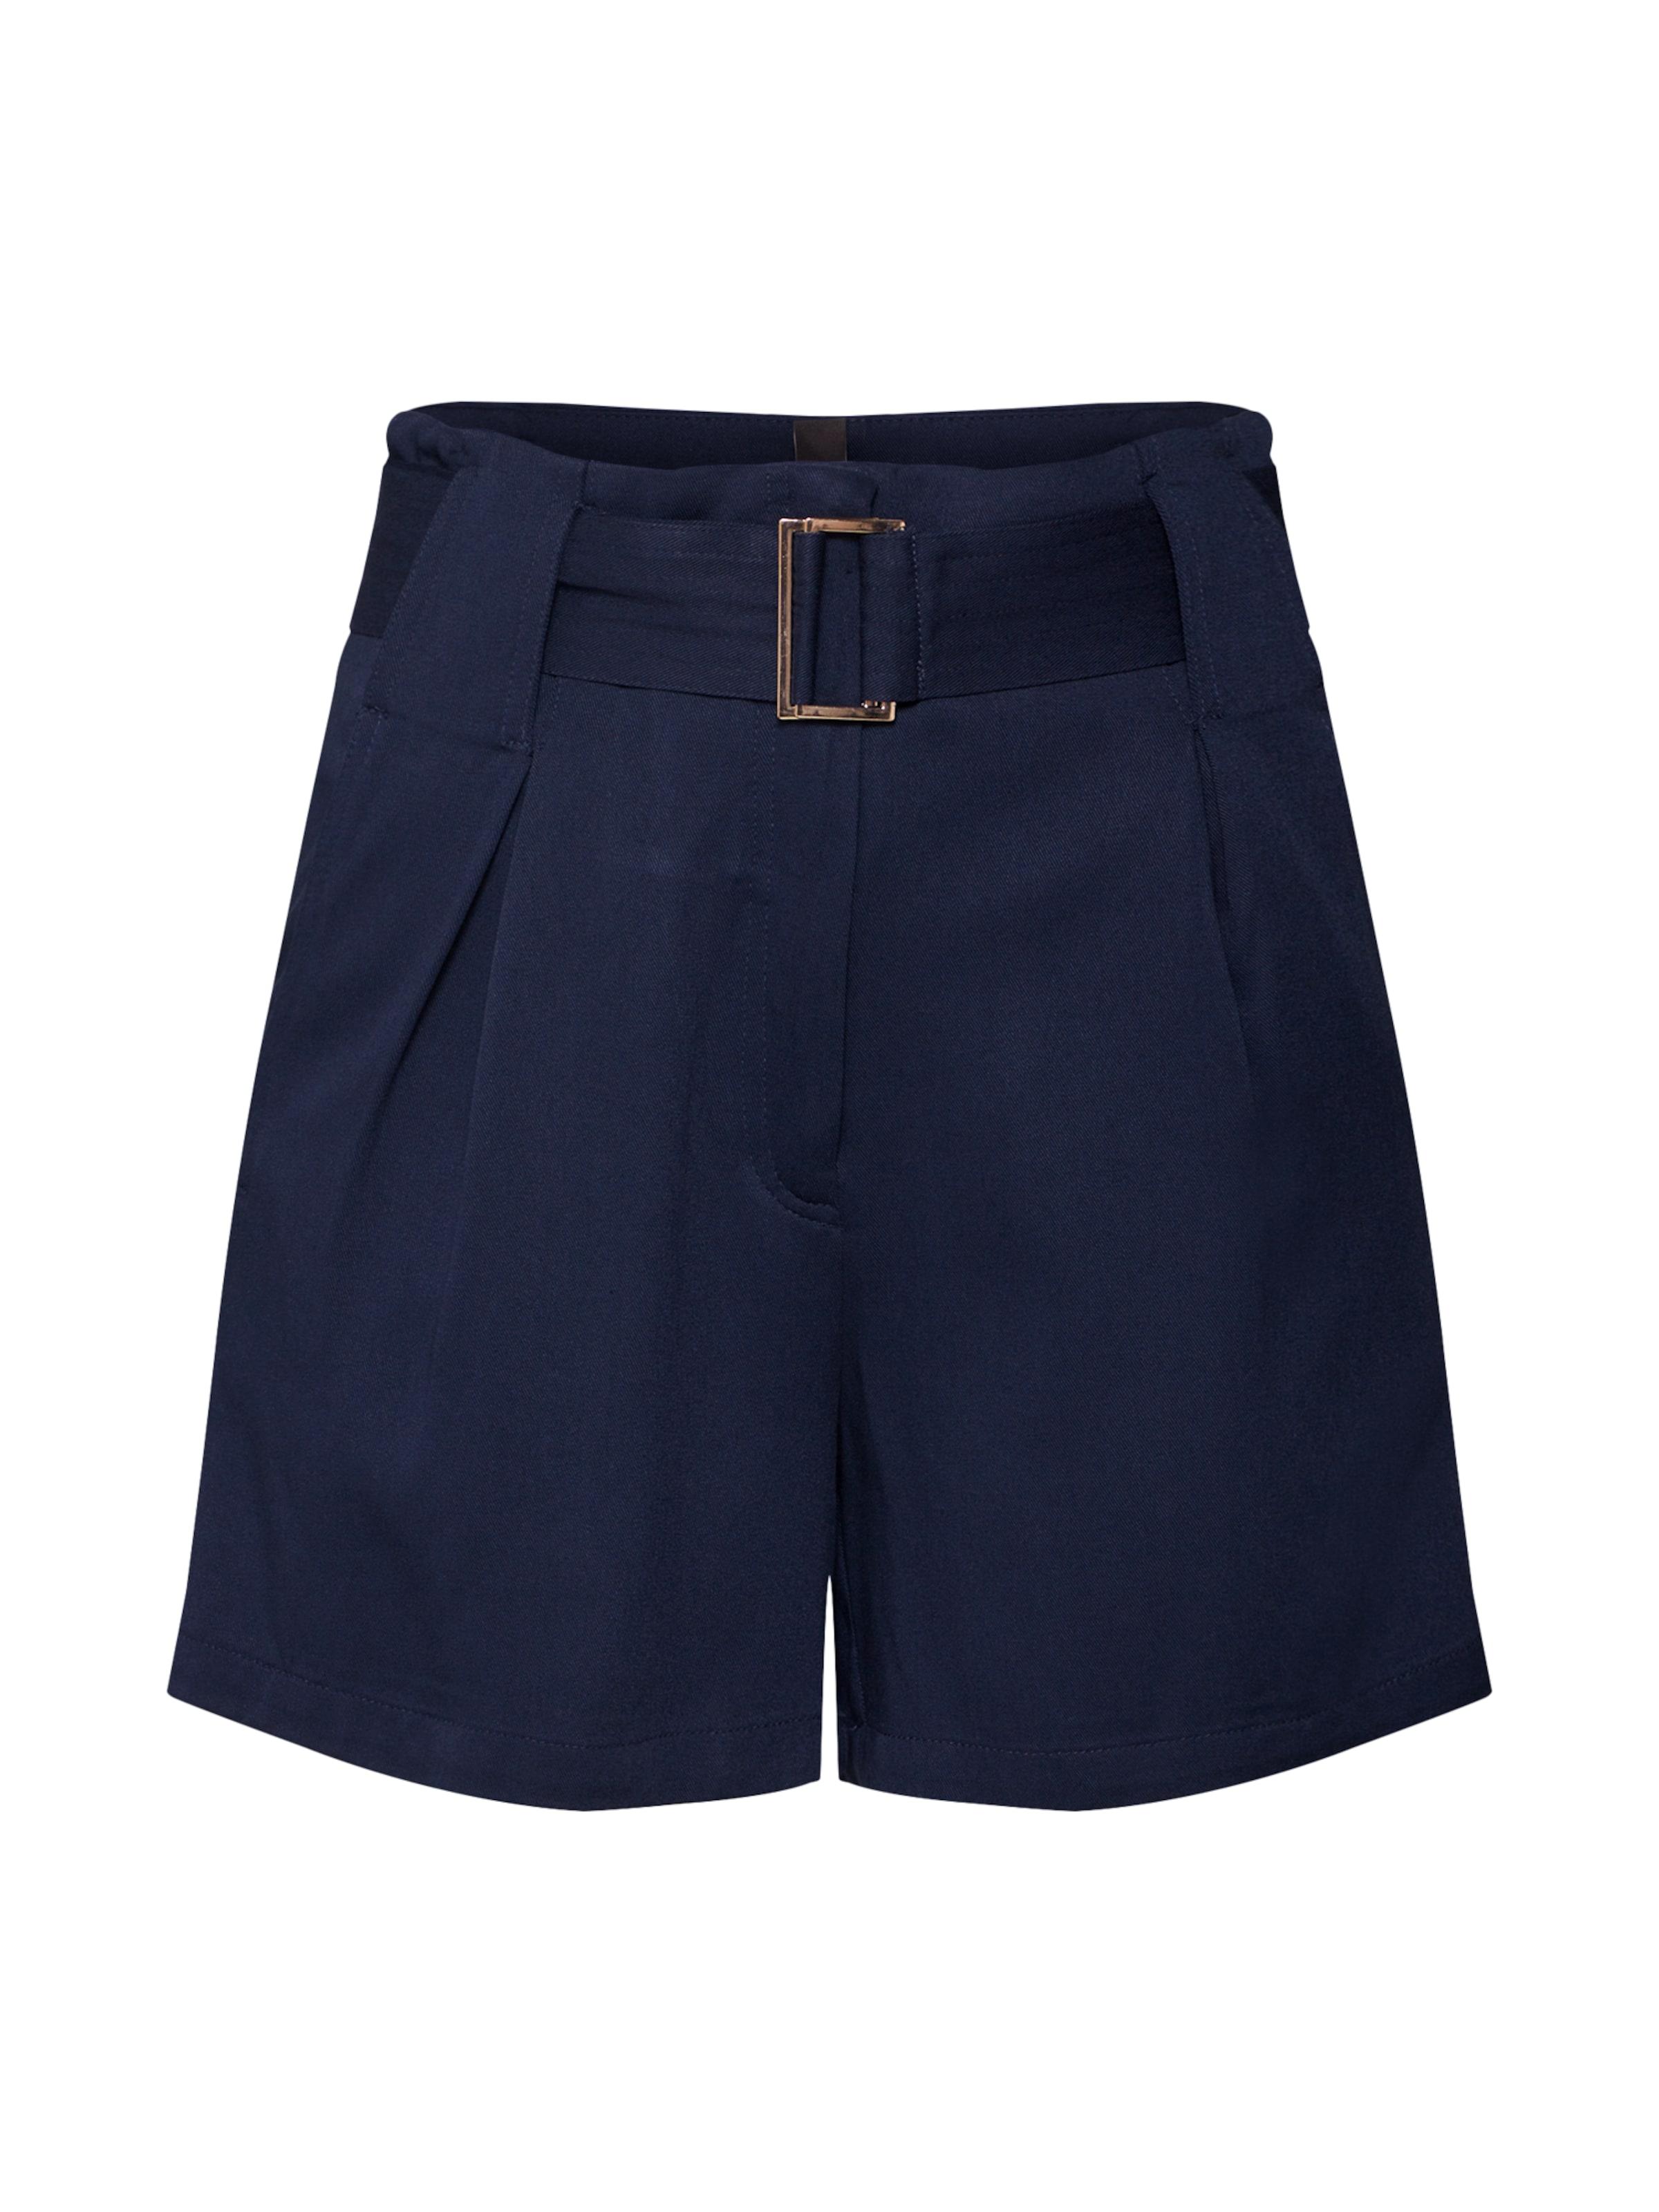 Bleu 'endor' s a Pince À Y En Marine Pantalon m8N0vwn